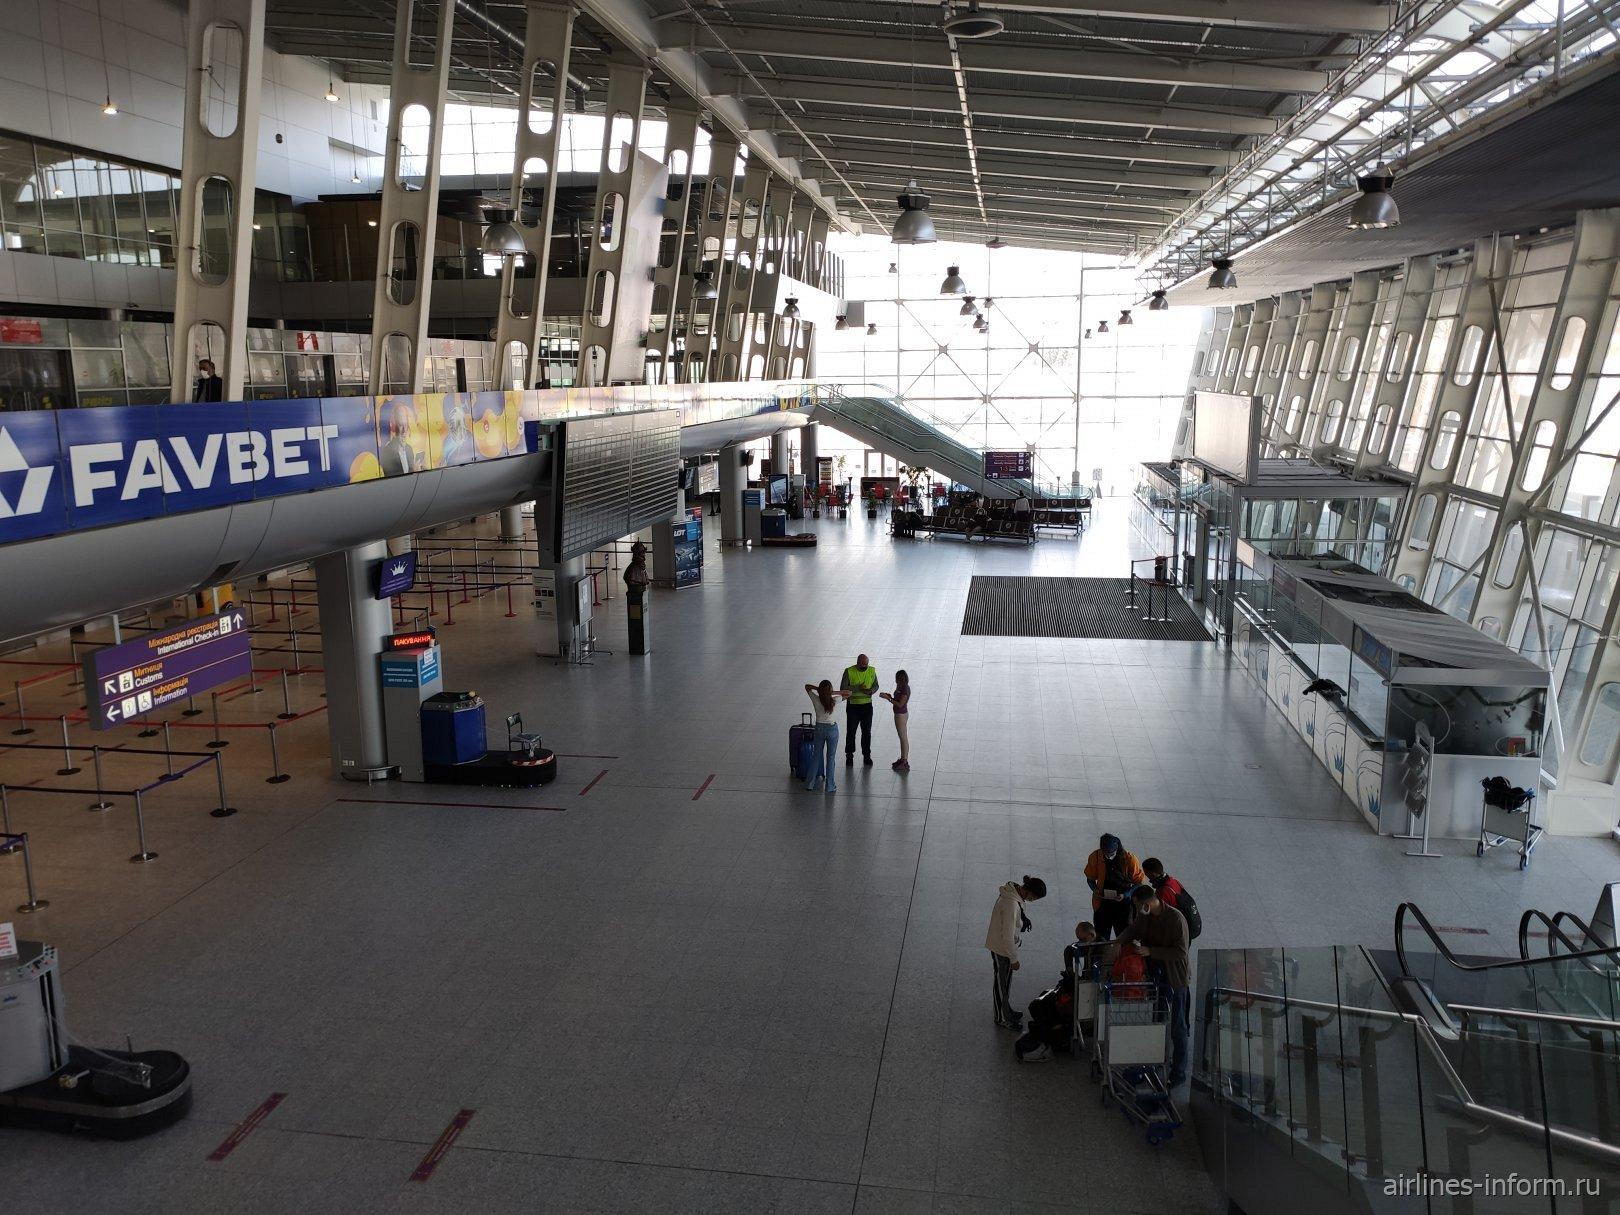 Общий зал пассажирского терминала аэропорта Львов